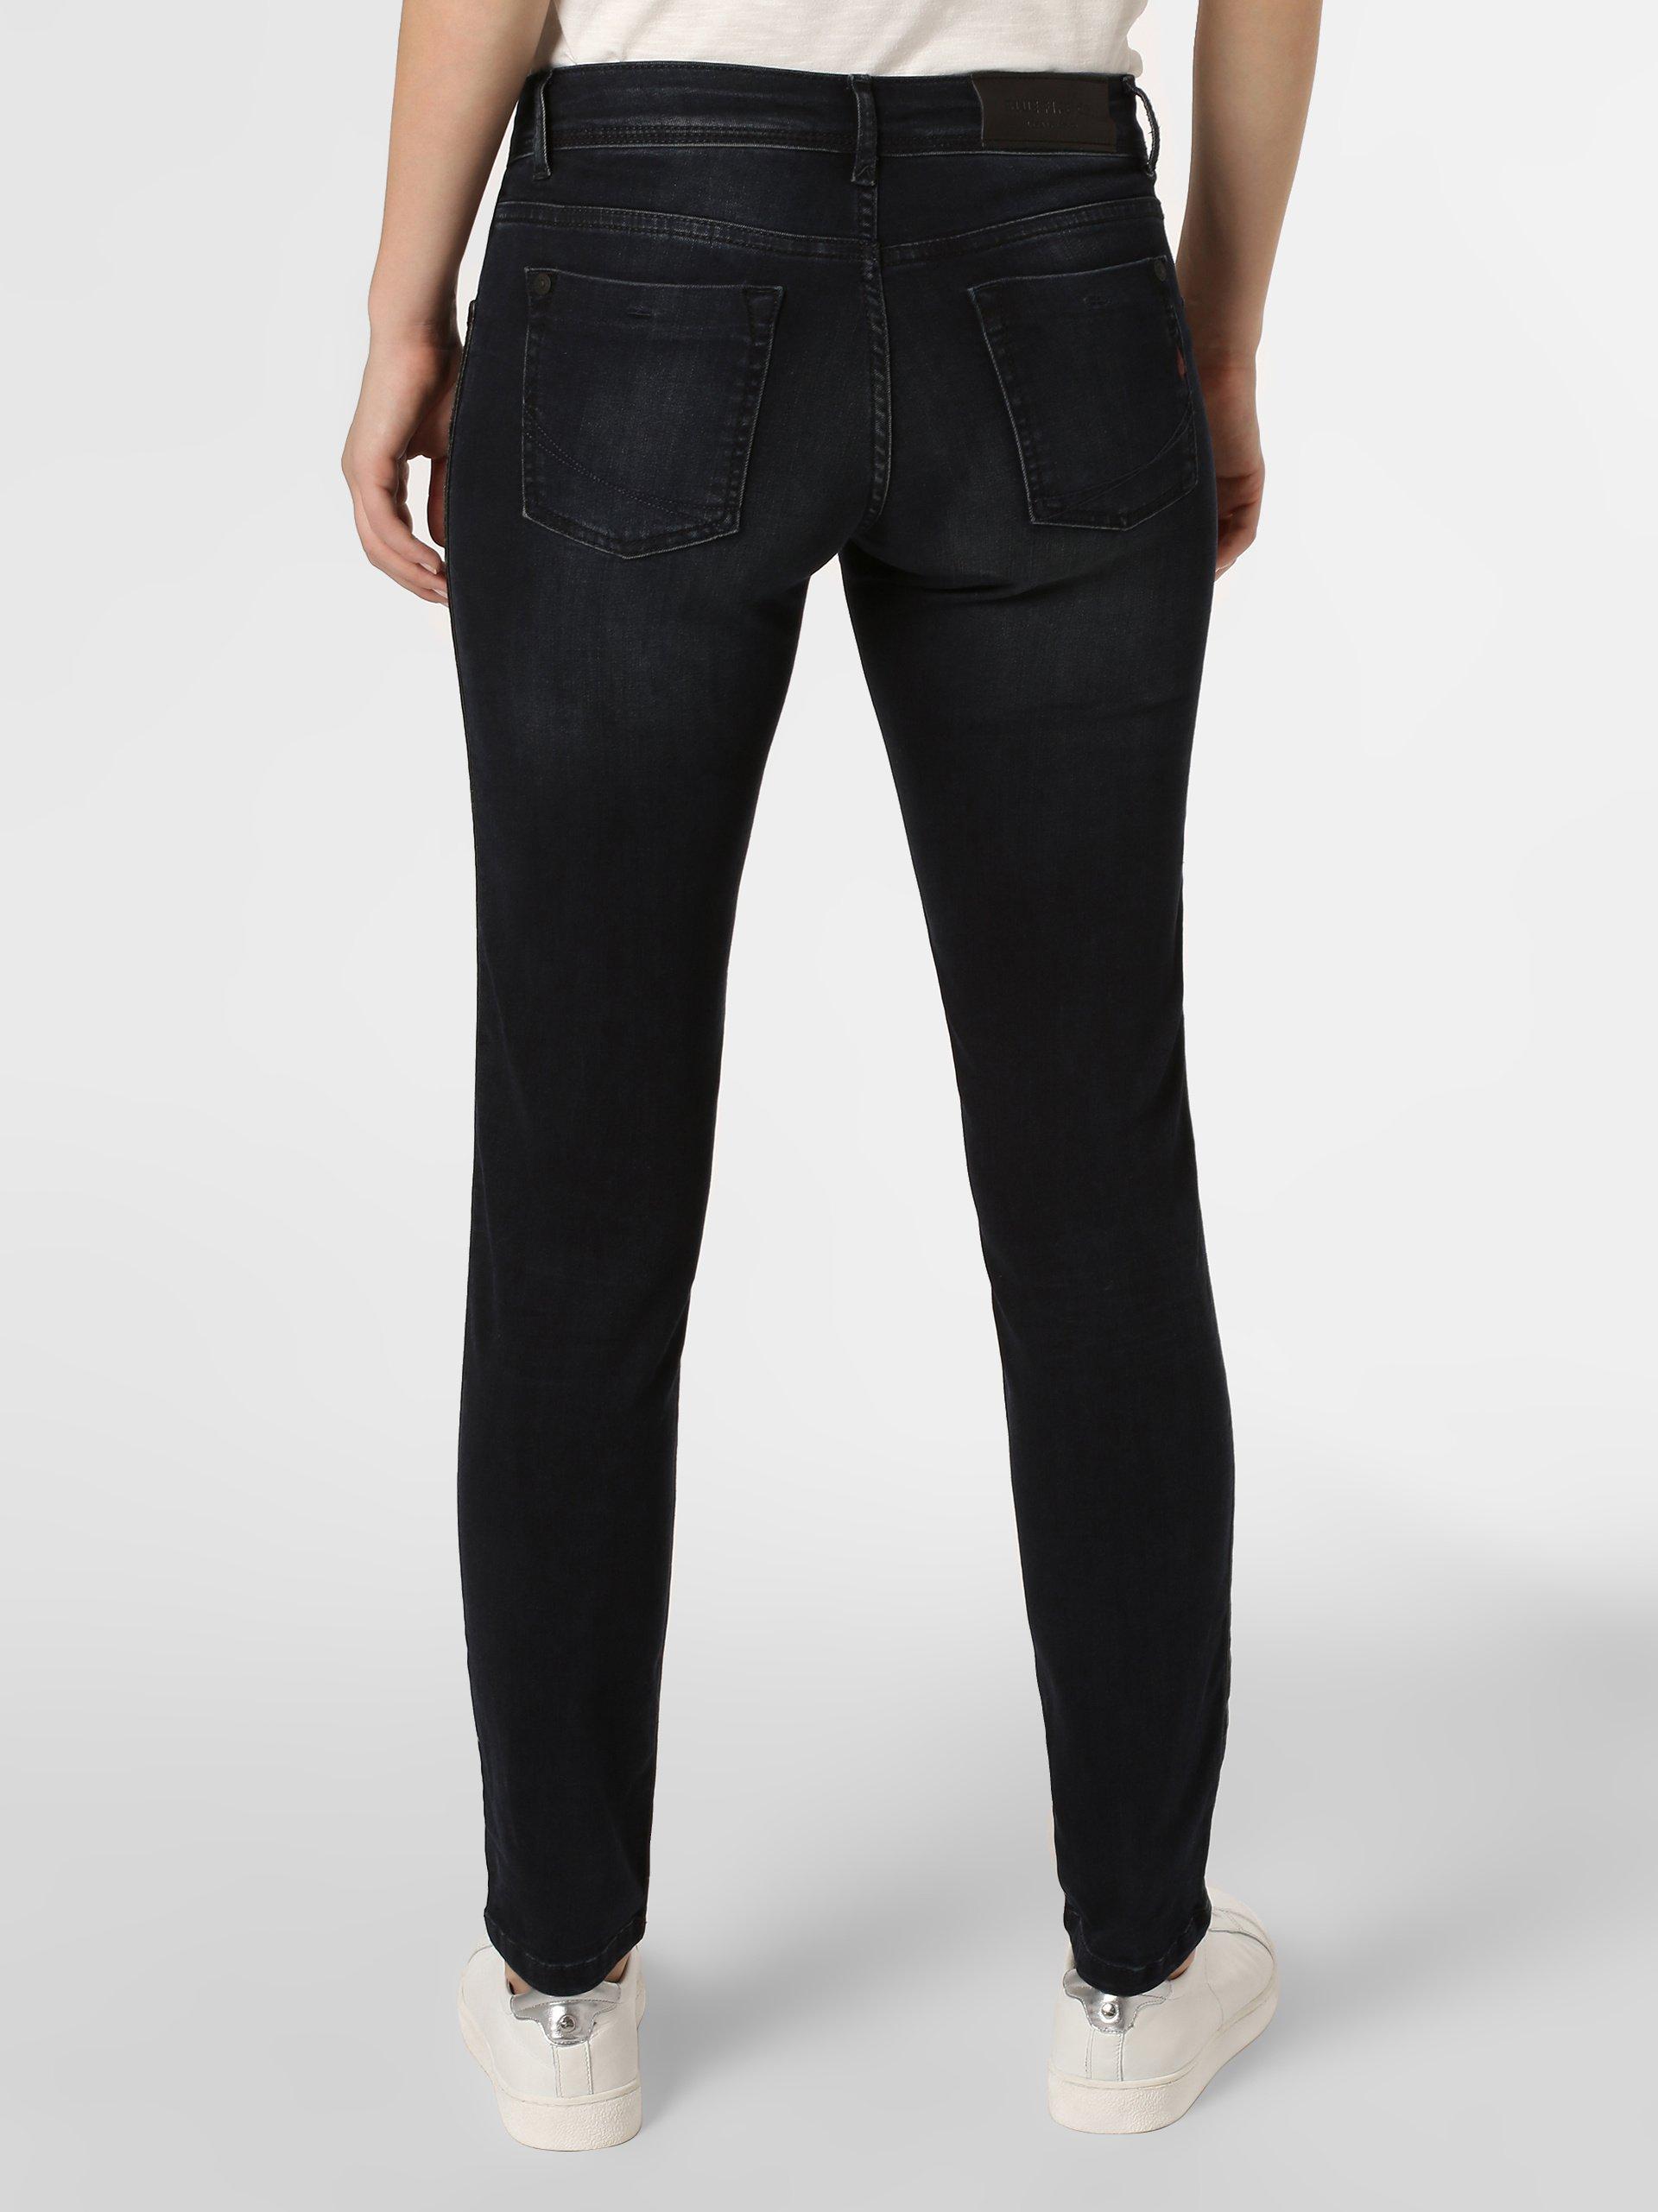 Blue Fire Spodnie damskie – Tyra